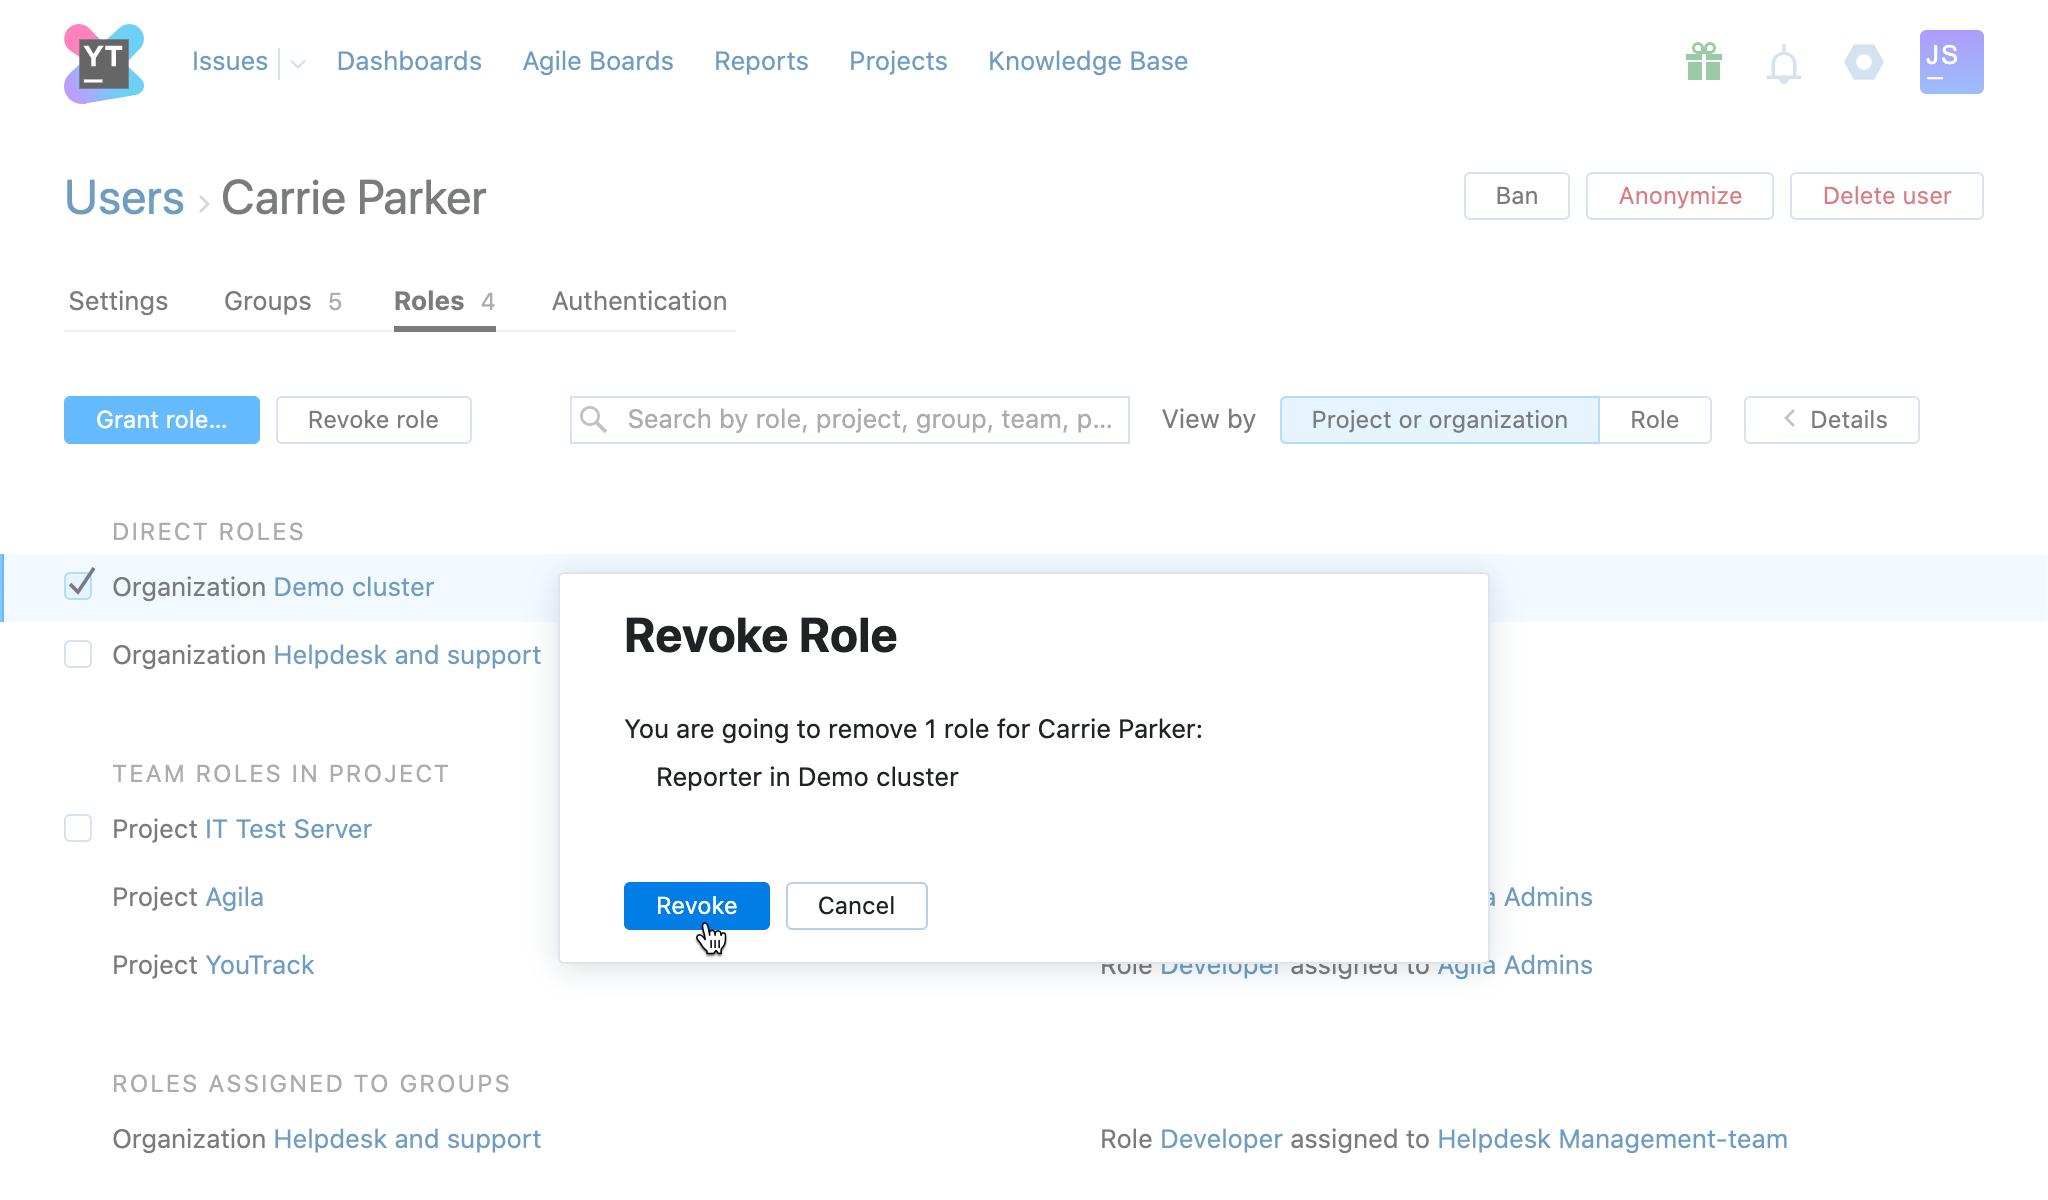 Revoke role user